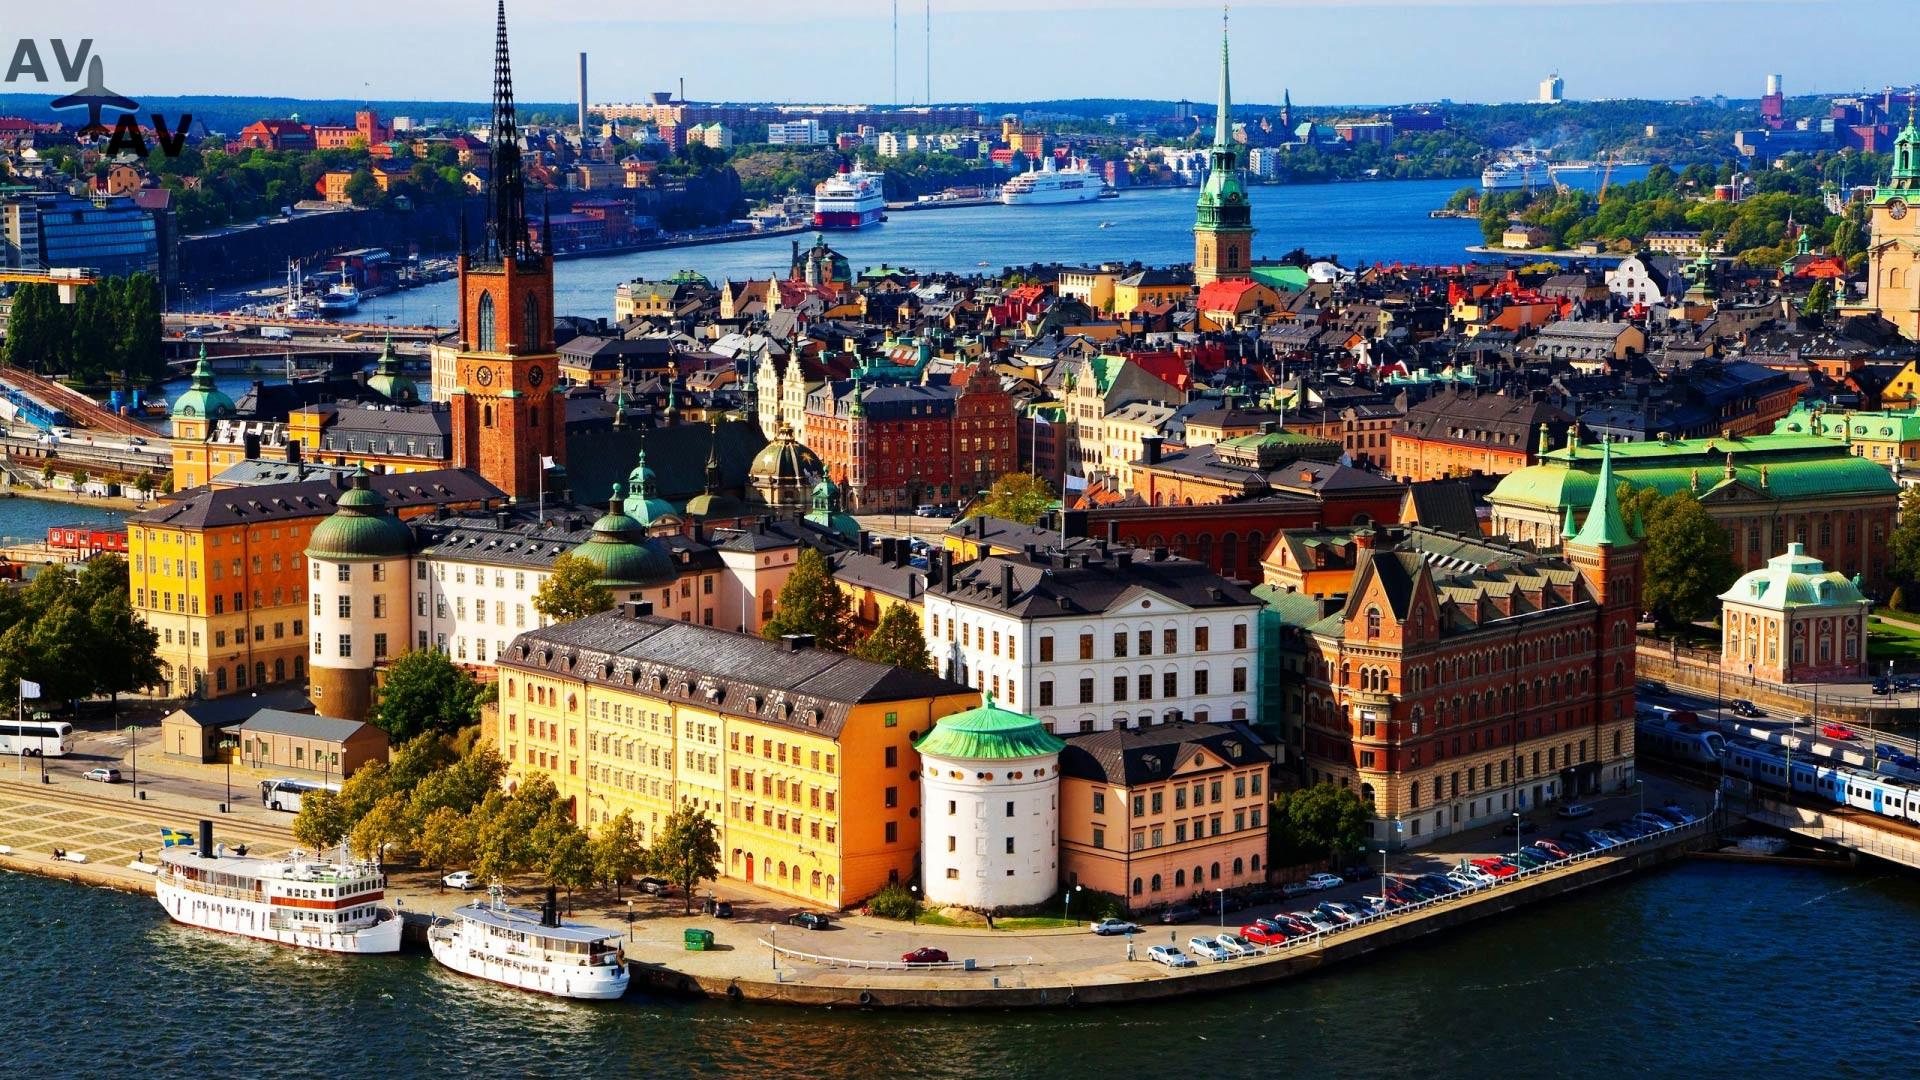 Prekrasnyiy otdyih i krasivyie mesta v SHvetsii2 - Прекрасный отдых и красивые места в Швеции